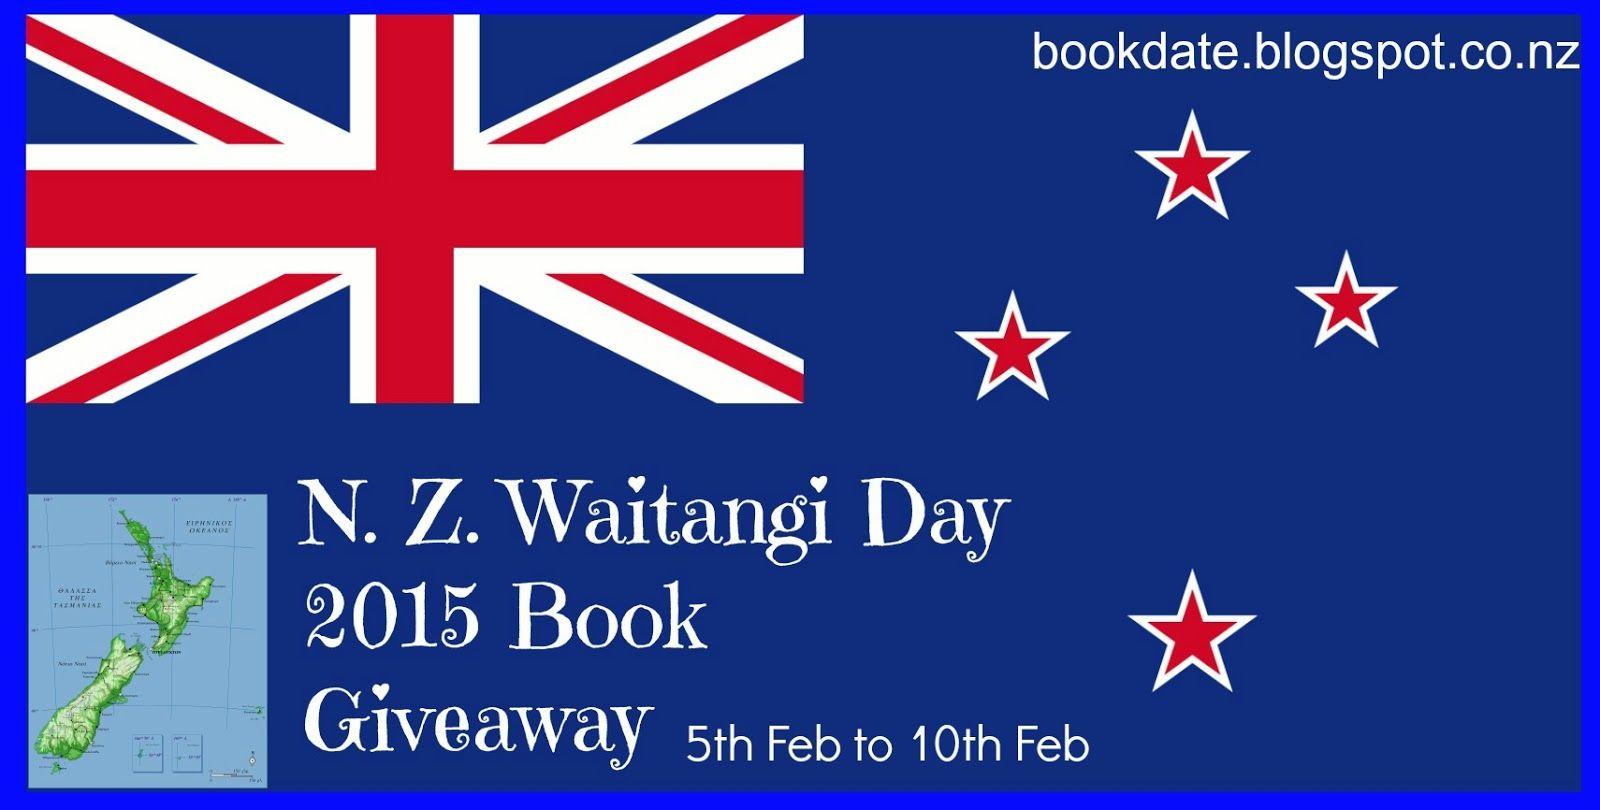 Win a book written by a NZ author